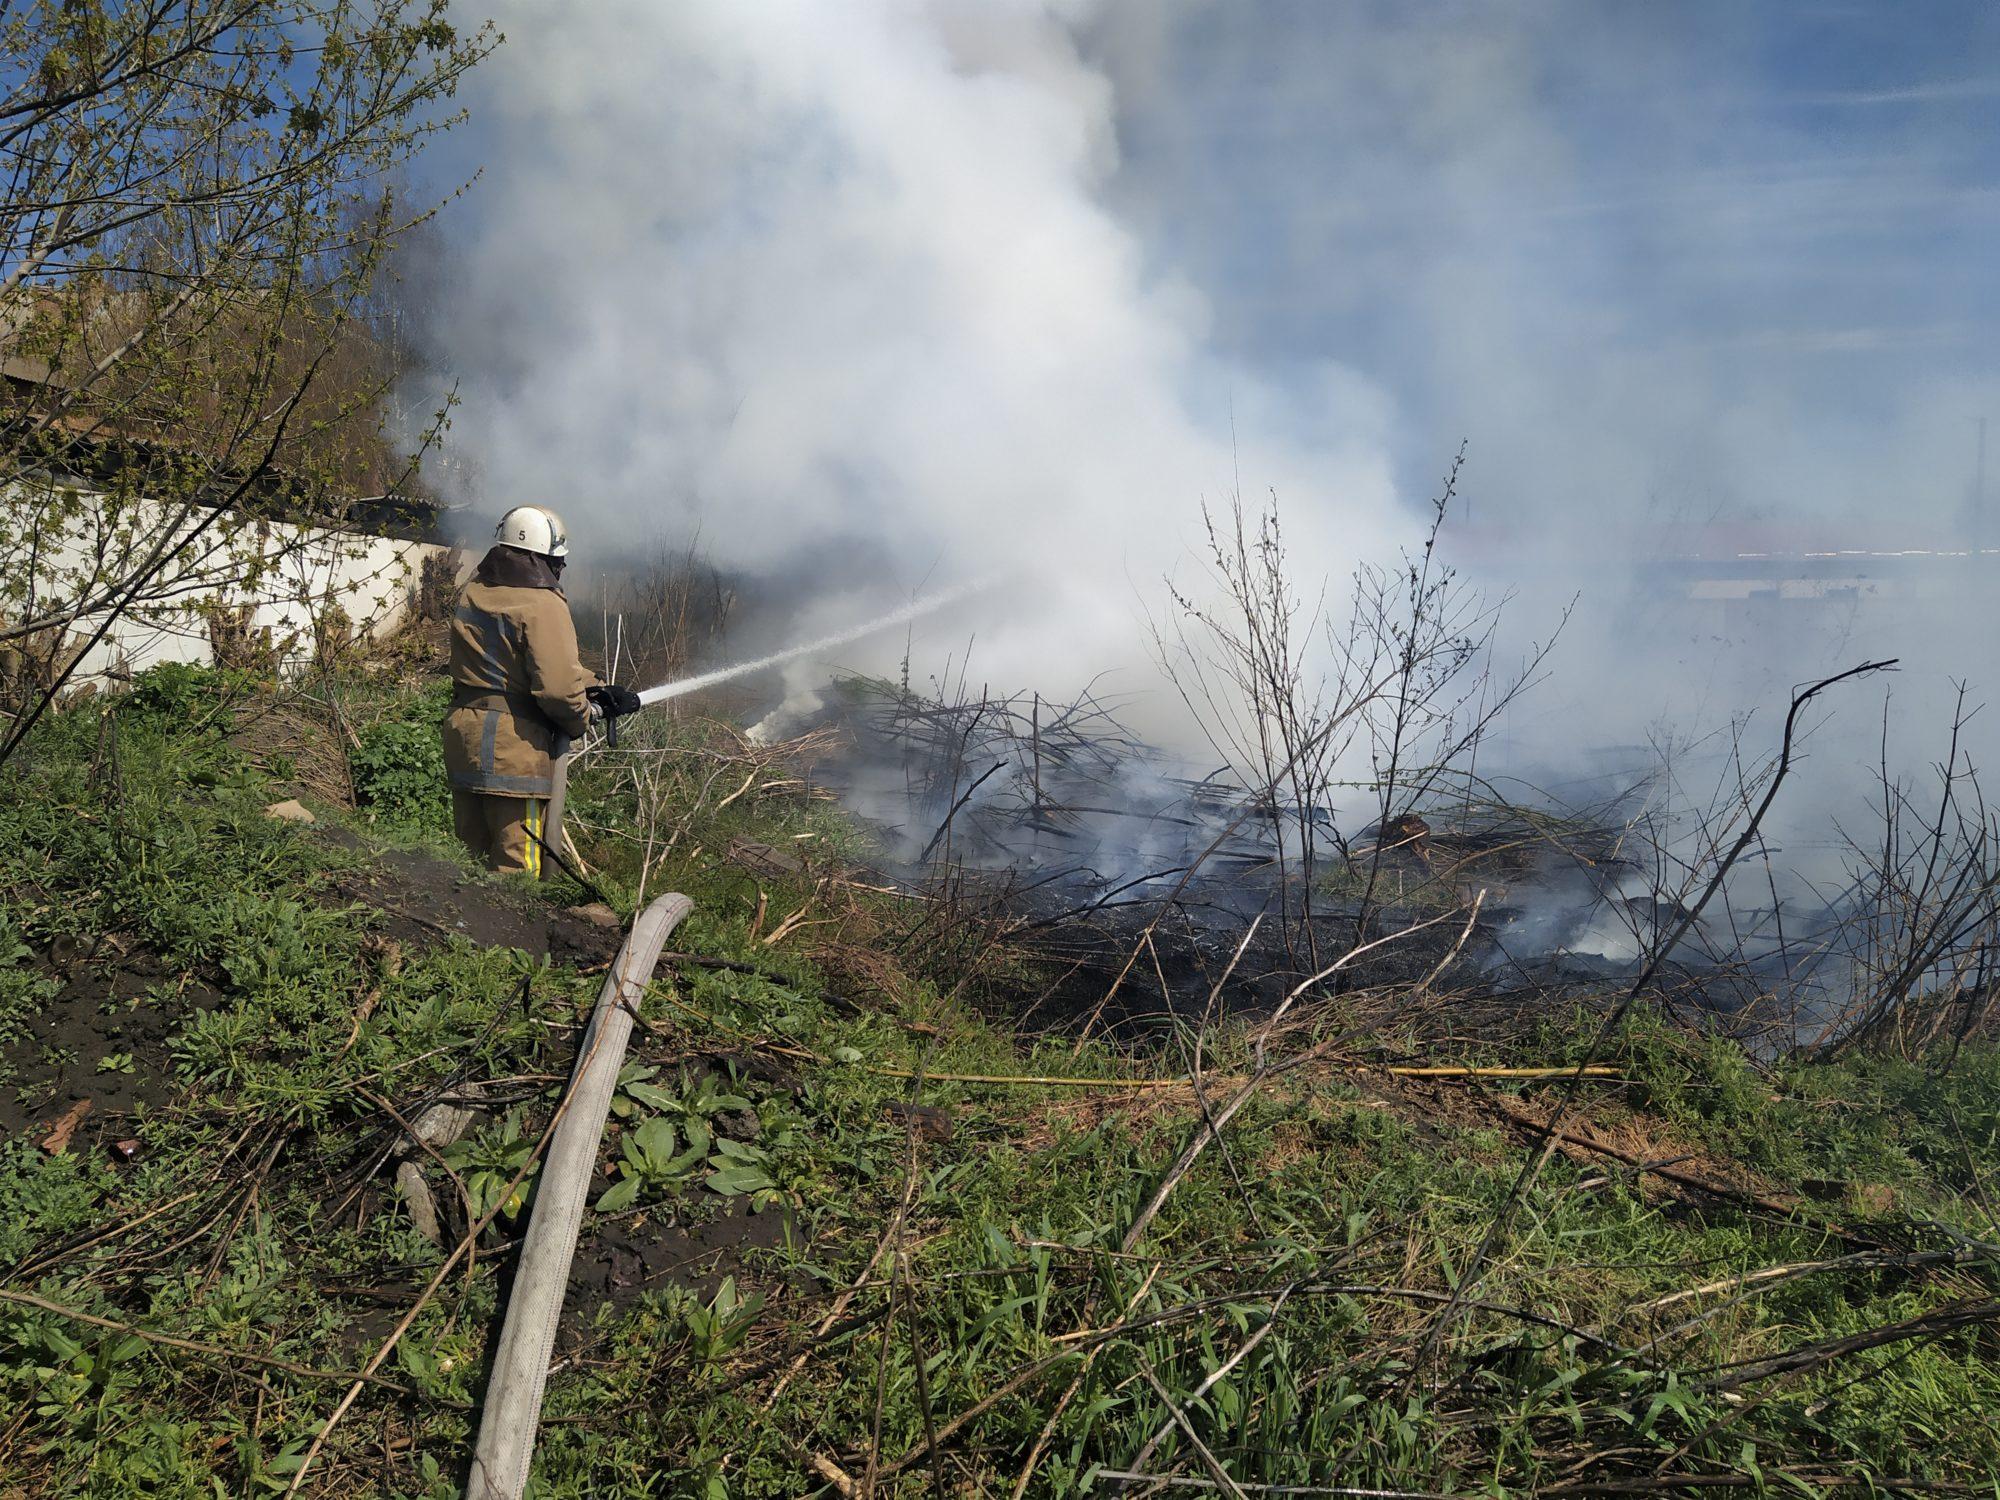 На Білоцерківщині сталось кілька загорань сухої трави та очерету - пожежі в екосистемах, Білоцерківщина - IMG 20200412 123131 2000x1500